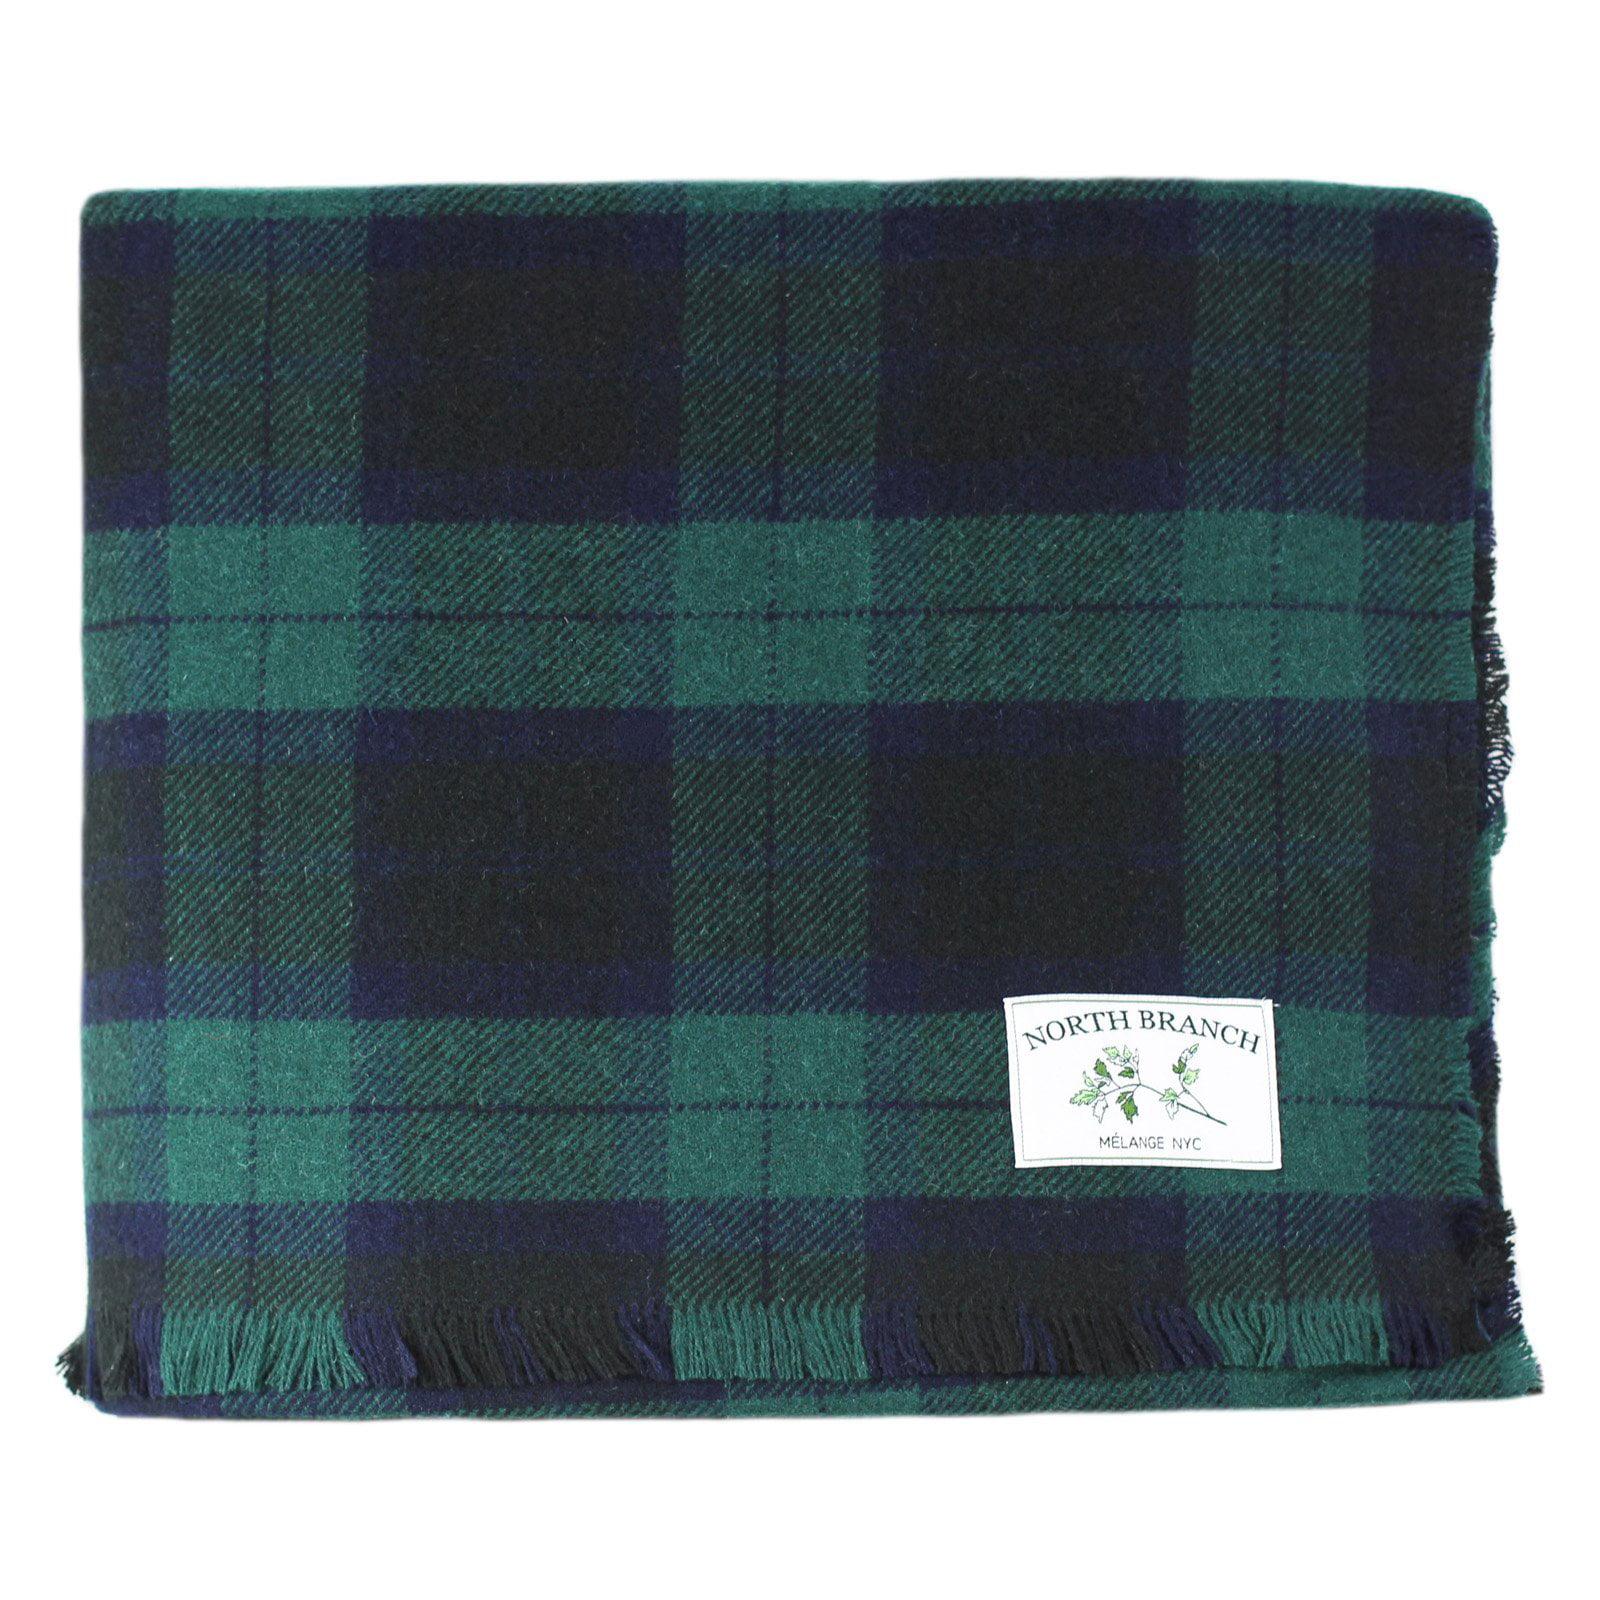 Melange Home Black Watch Wool Blanket